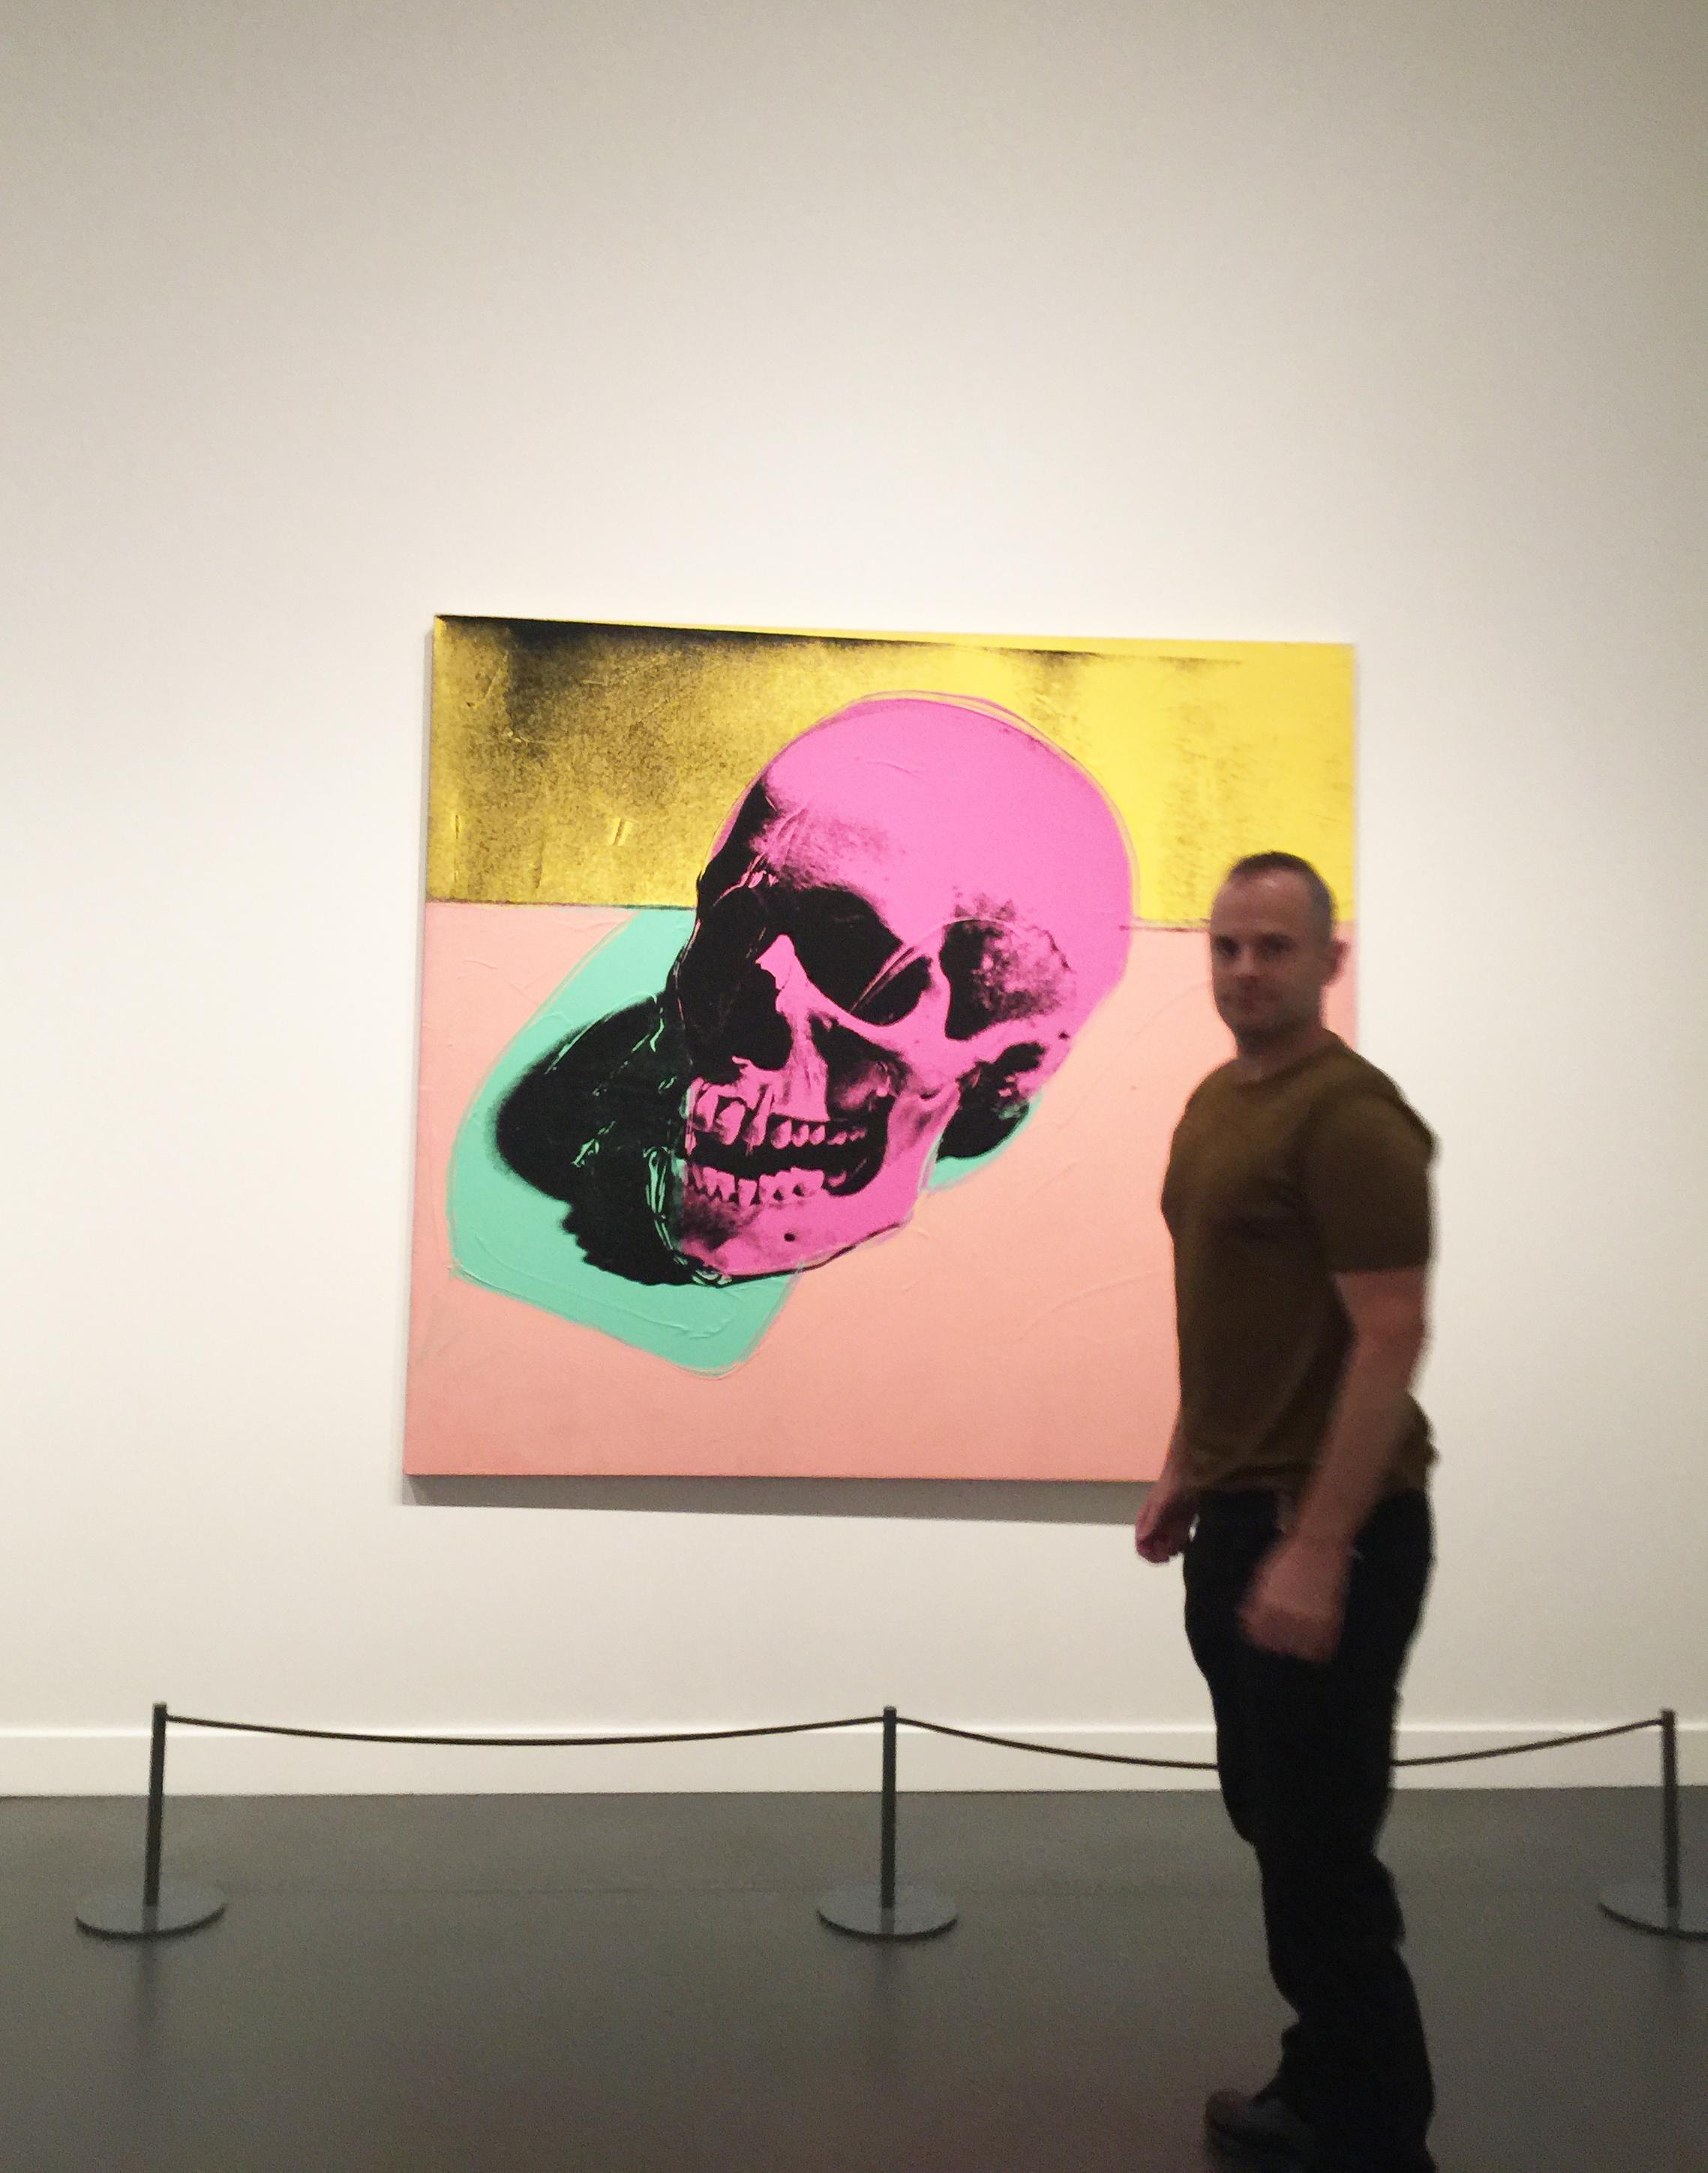 JESSE WAUGH - Warhol skull